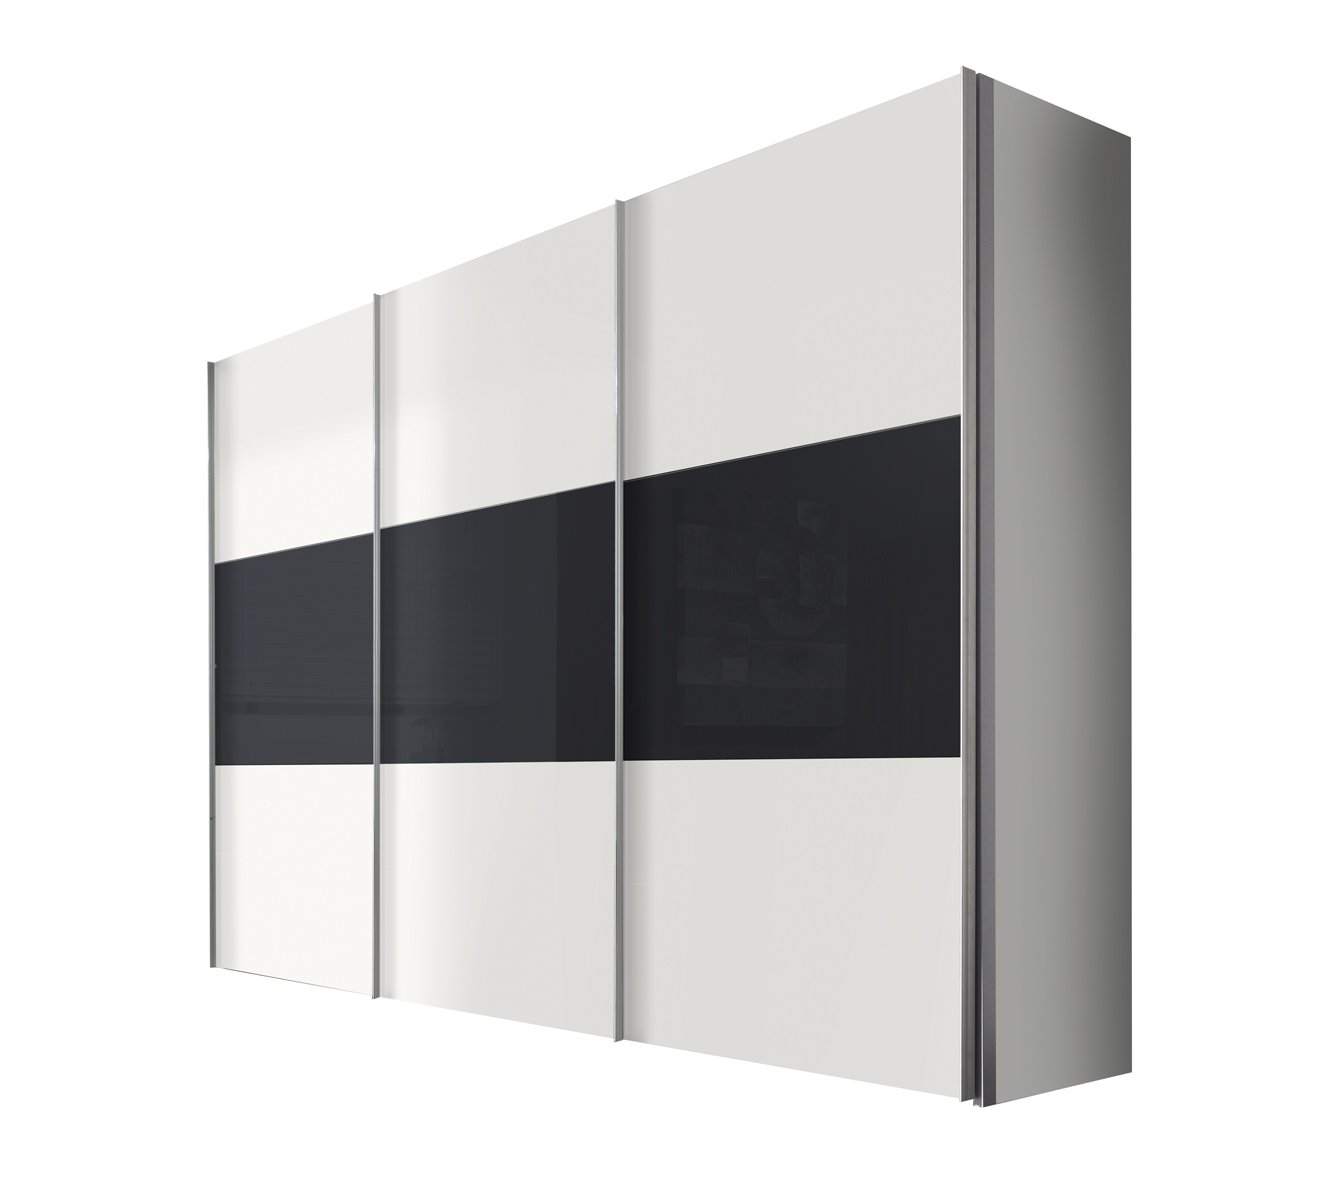 Solutions 46910-211 Schwebetürenschrank 3-türig, Griffleisten Alufarben, Korpus/Front: Polarweiß / Graphitglas